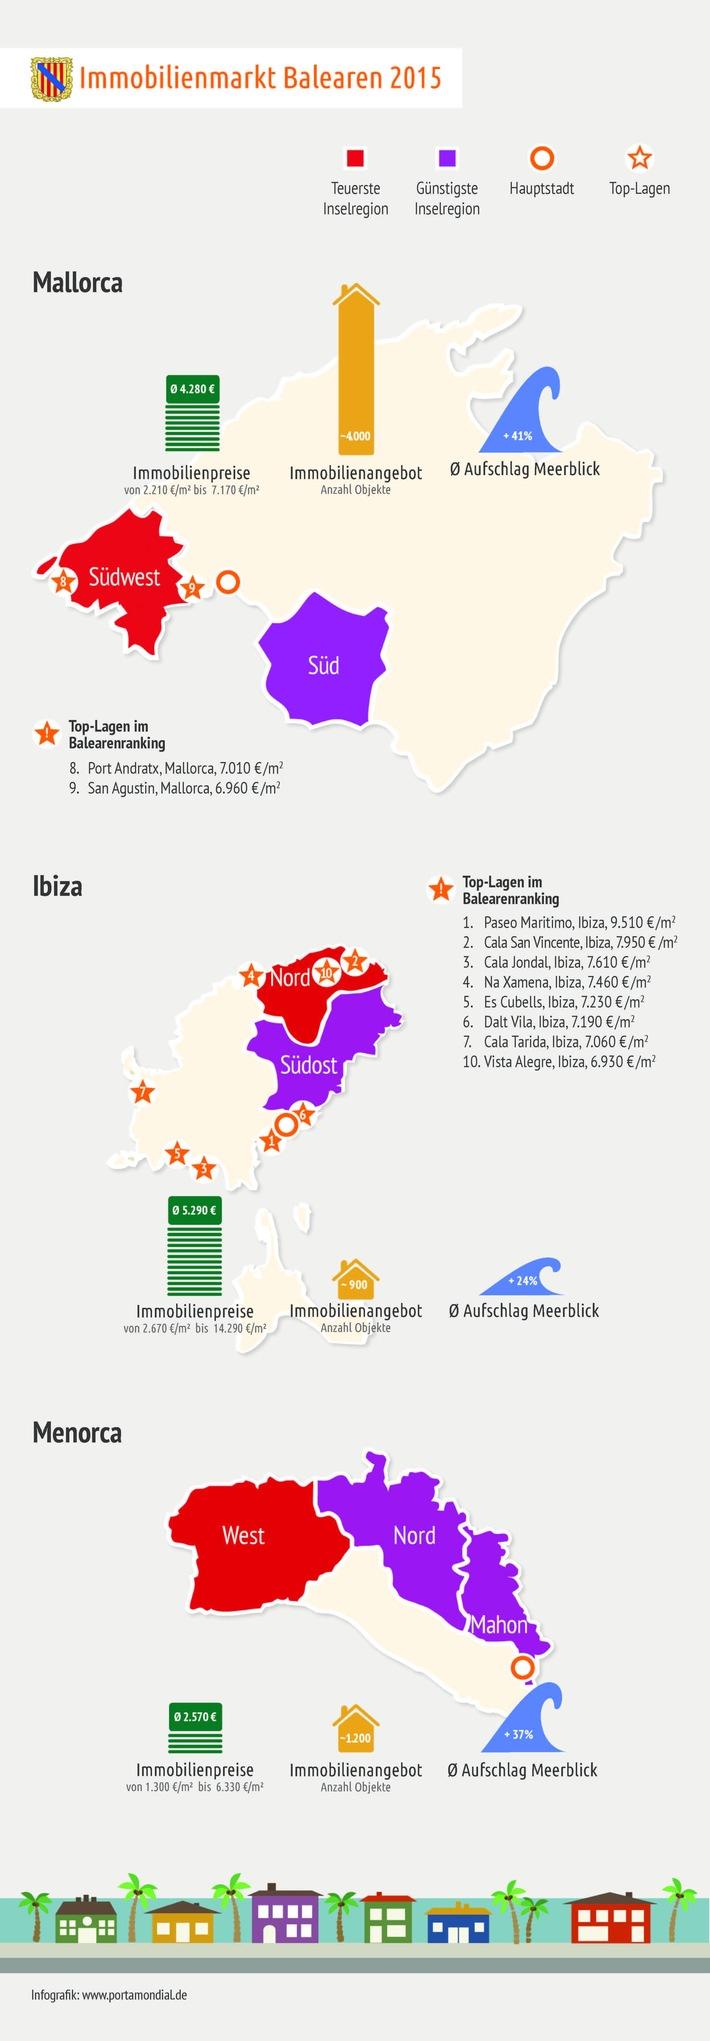 Immobilienmarkt Balearen: Wissenschaftler empfehlen Mallorca für Kapitalanleger / Erster unabhängiger Marktreport für Ferienimmobilien auf Mallorca, Ibiza und Menorca